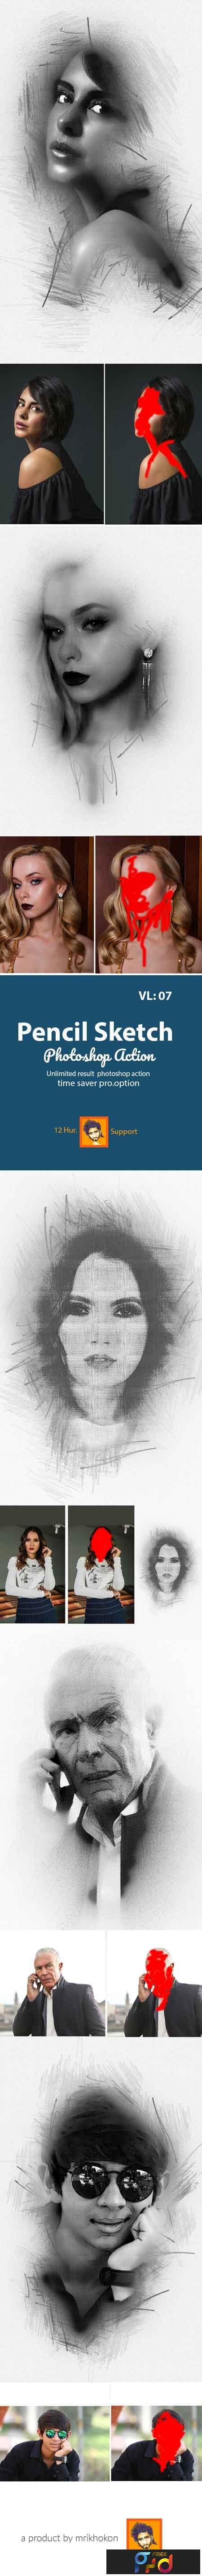 Pencil sketch photoshop action 23048429 1